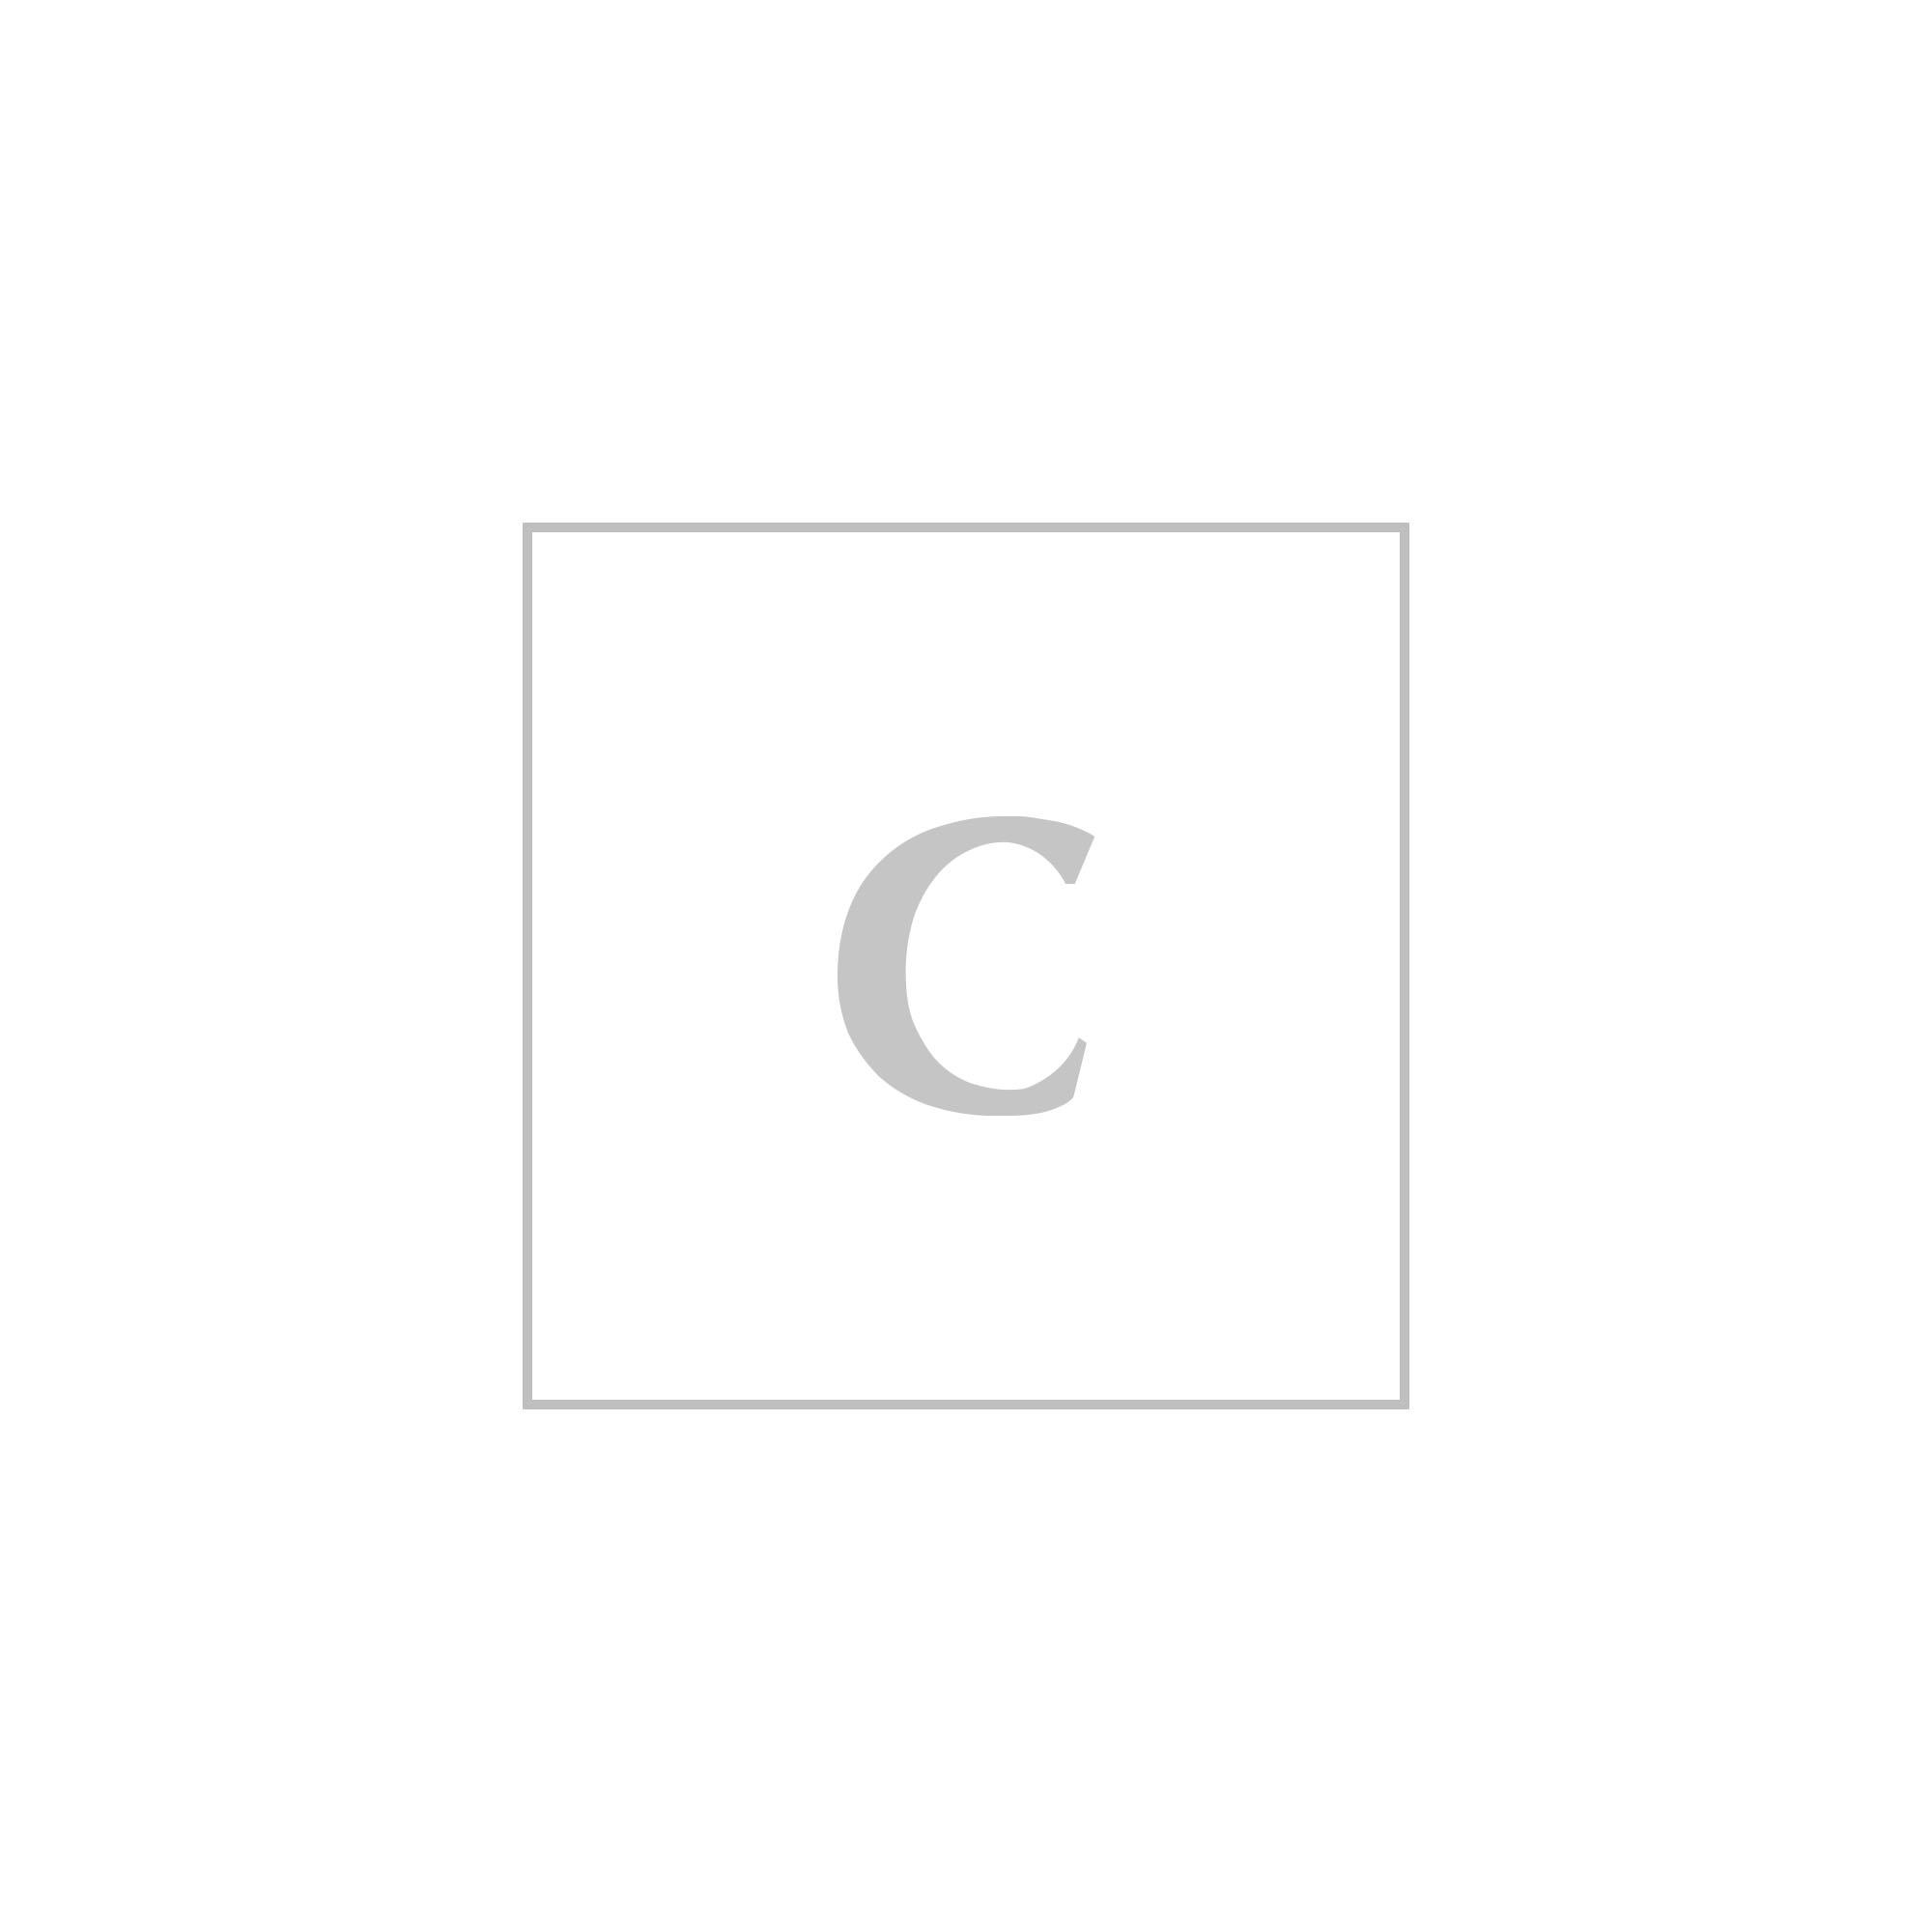 Saint laurent ysl pochette con catena grain de poudre matelasse' envelope